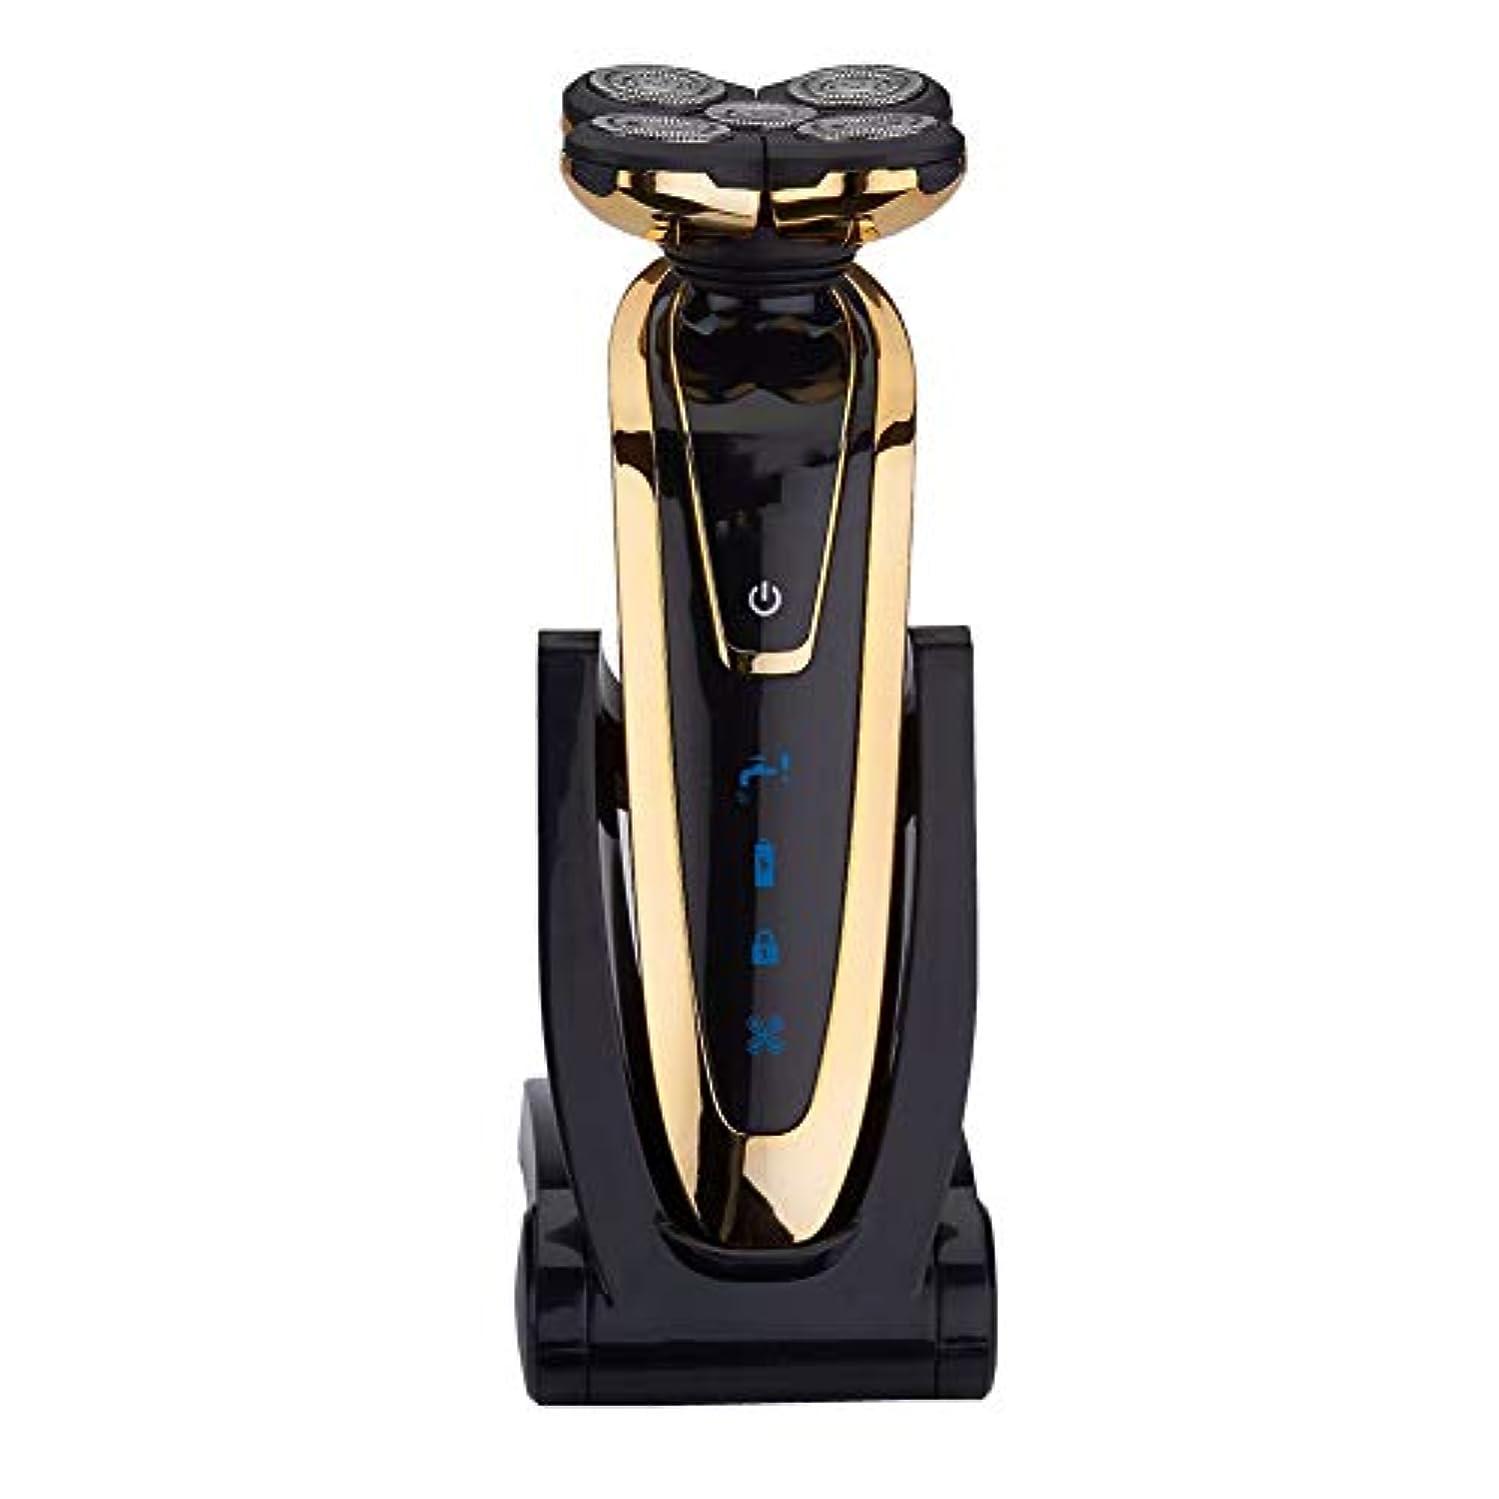 ぜいたくバーガー不快な回転式カミソリ男性用電気シェーバー充電式コードレスカミソリウェット&ドライボディ防水